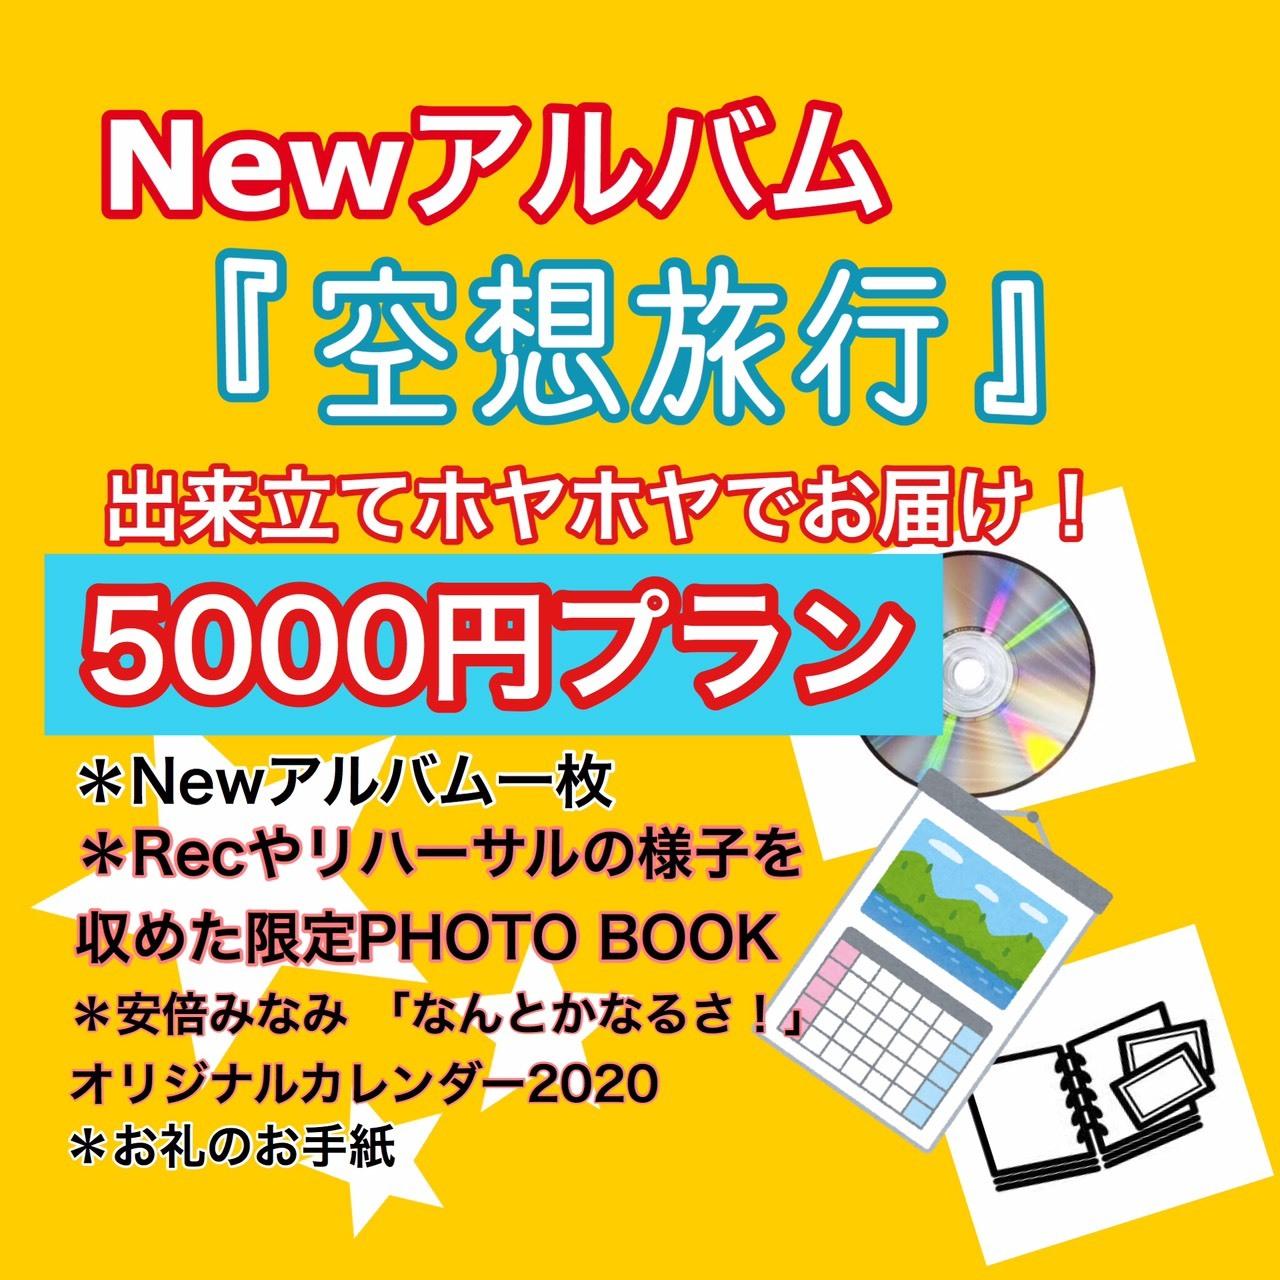 アルバムお届け+カレンダー+PHOTO BOOKプラン